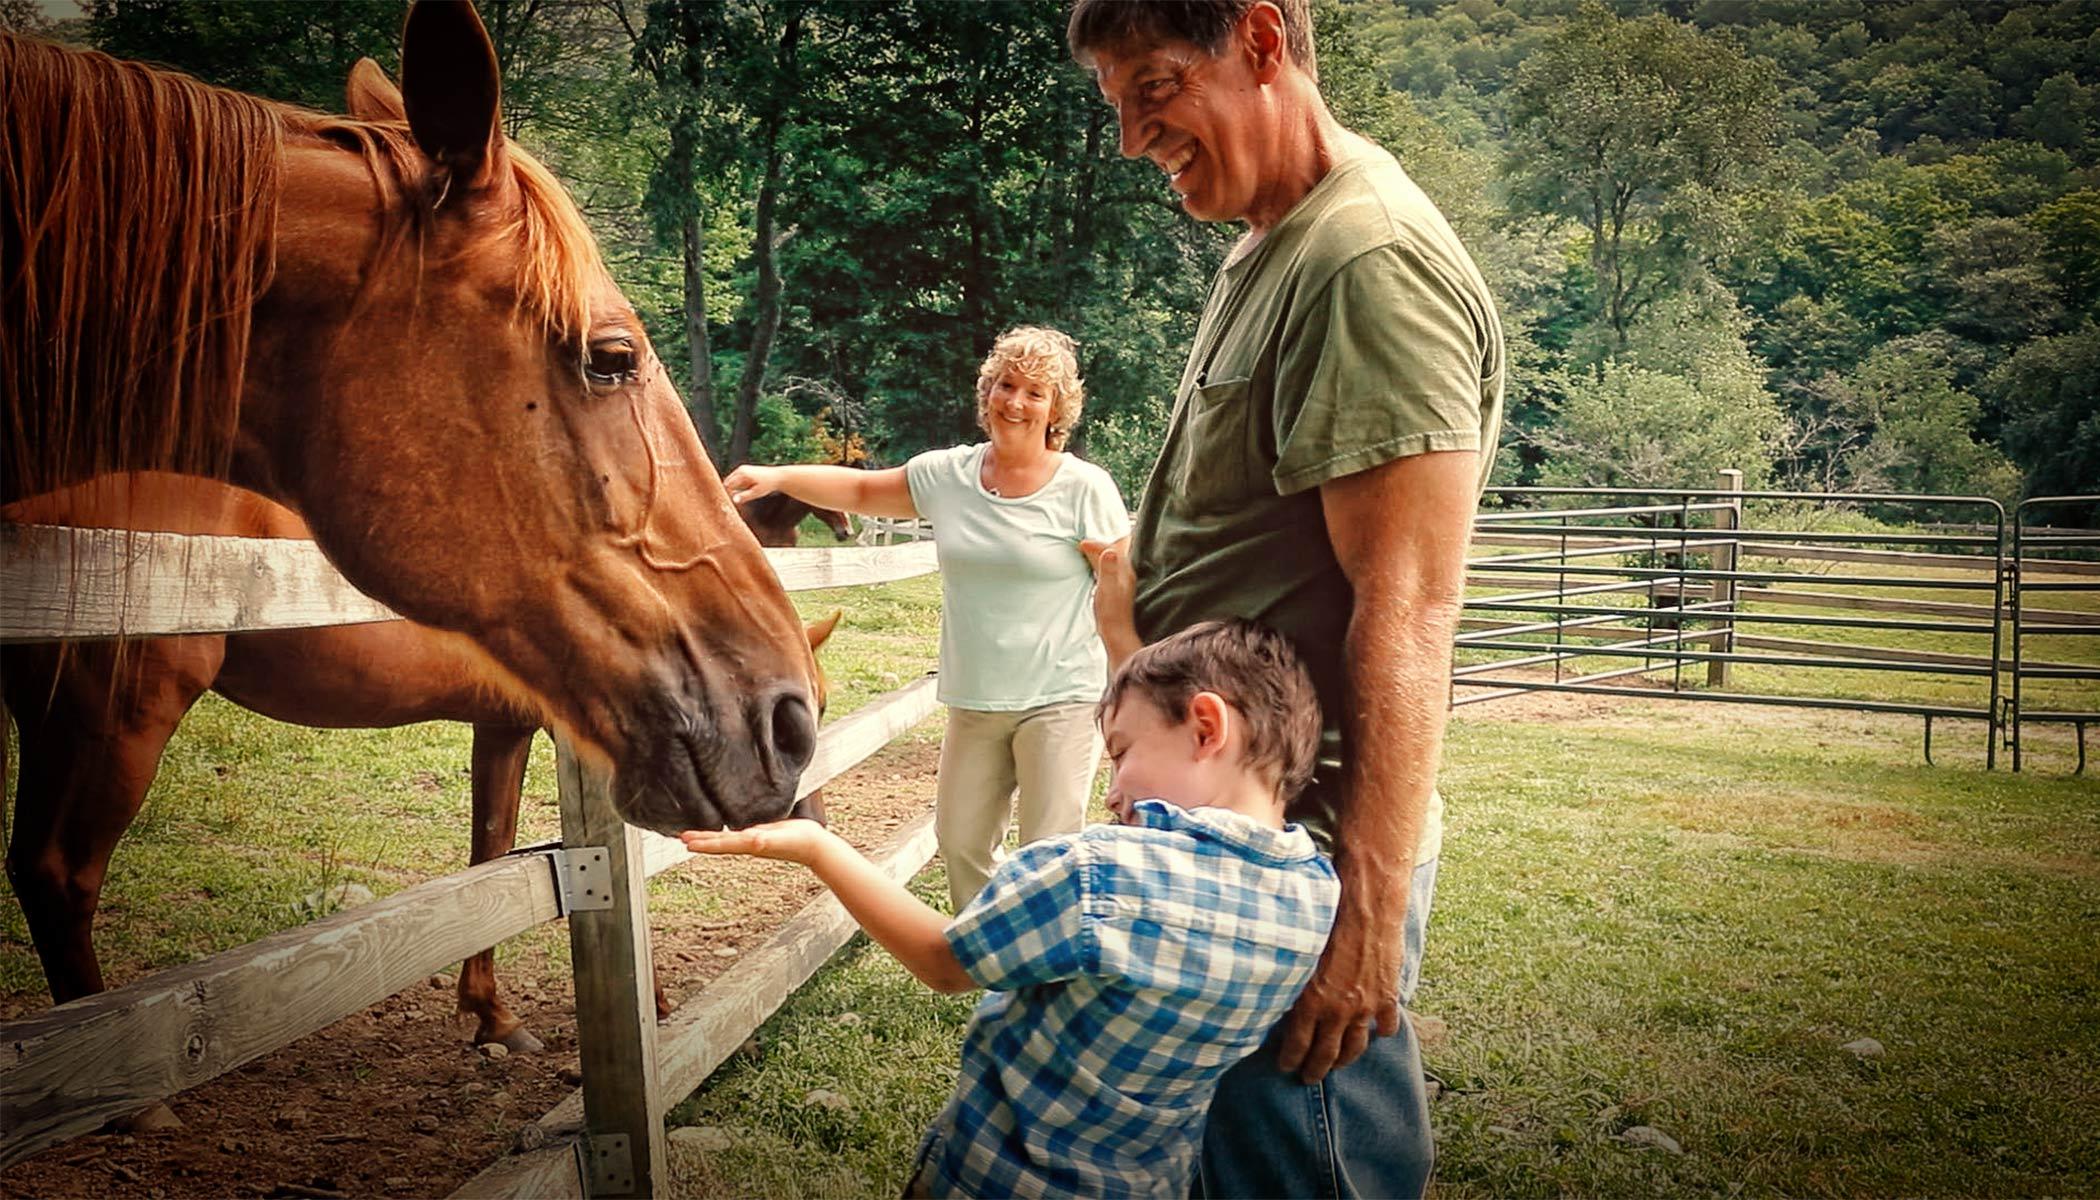 Life-svmc-horses-family